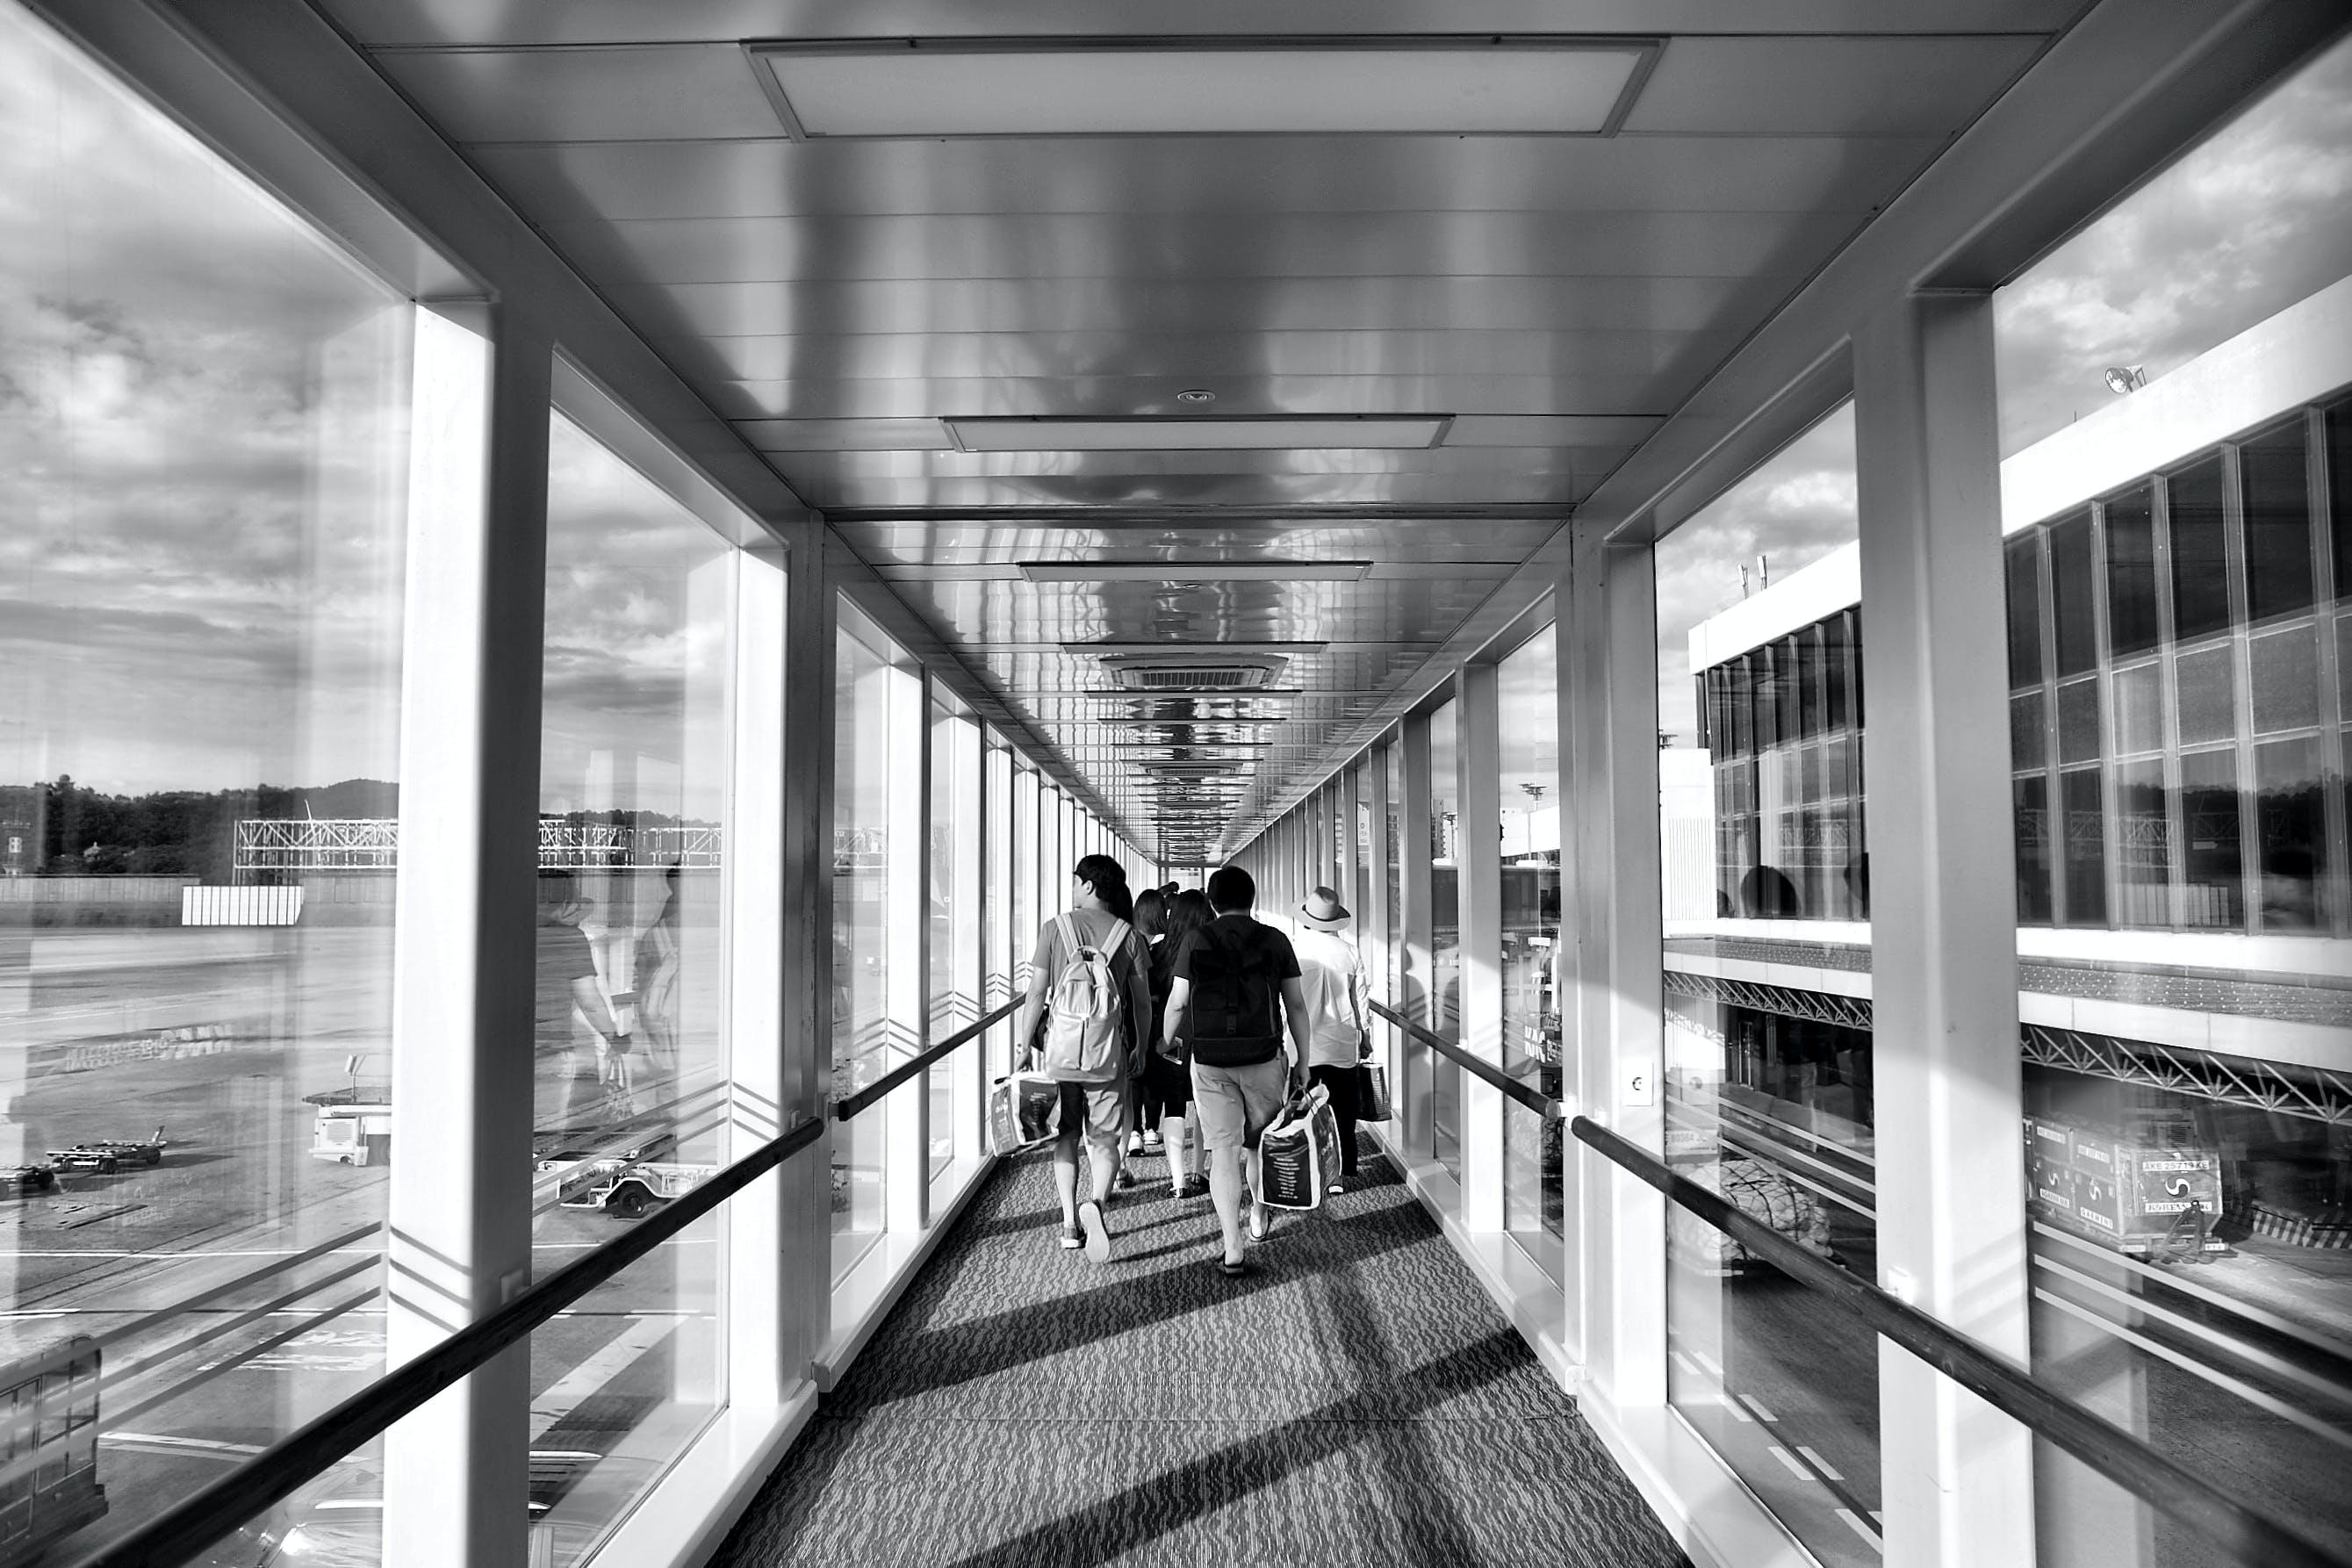 Gratis arkivbilde med arkitektur, flyplass, glass, mennesker